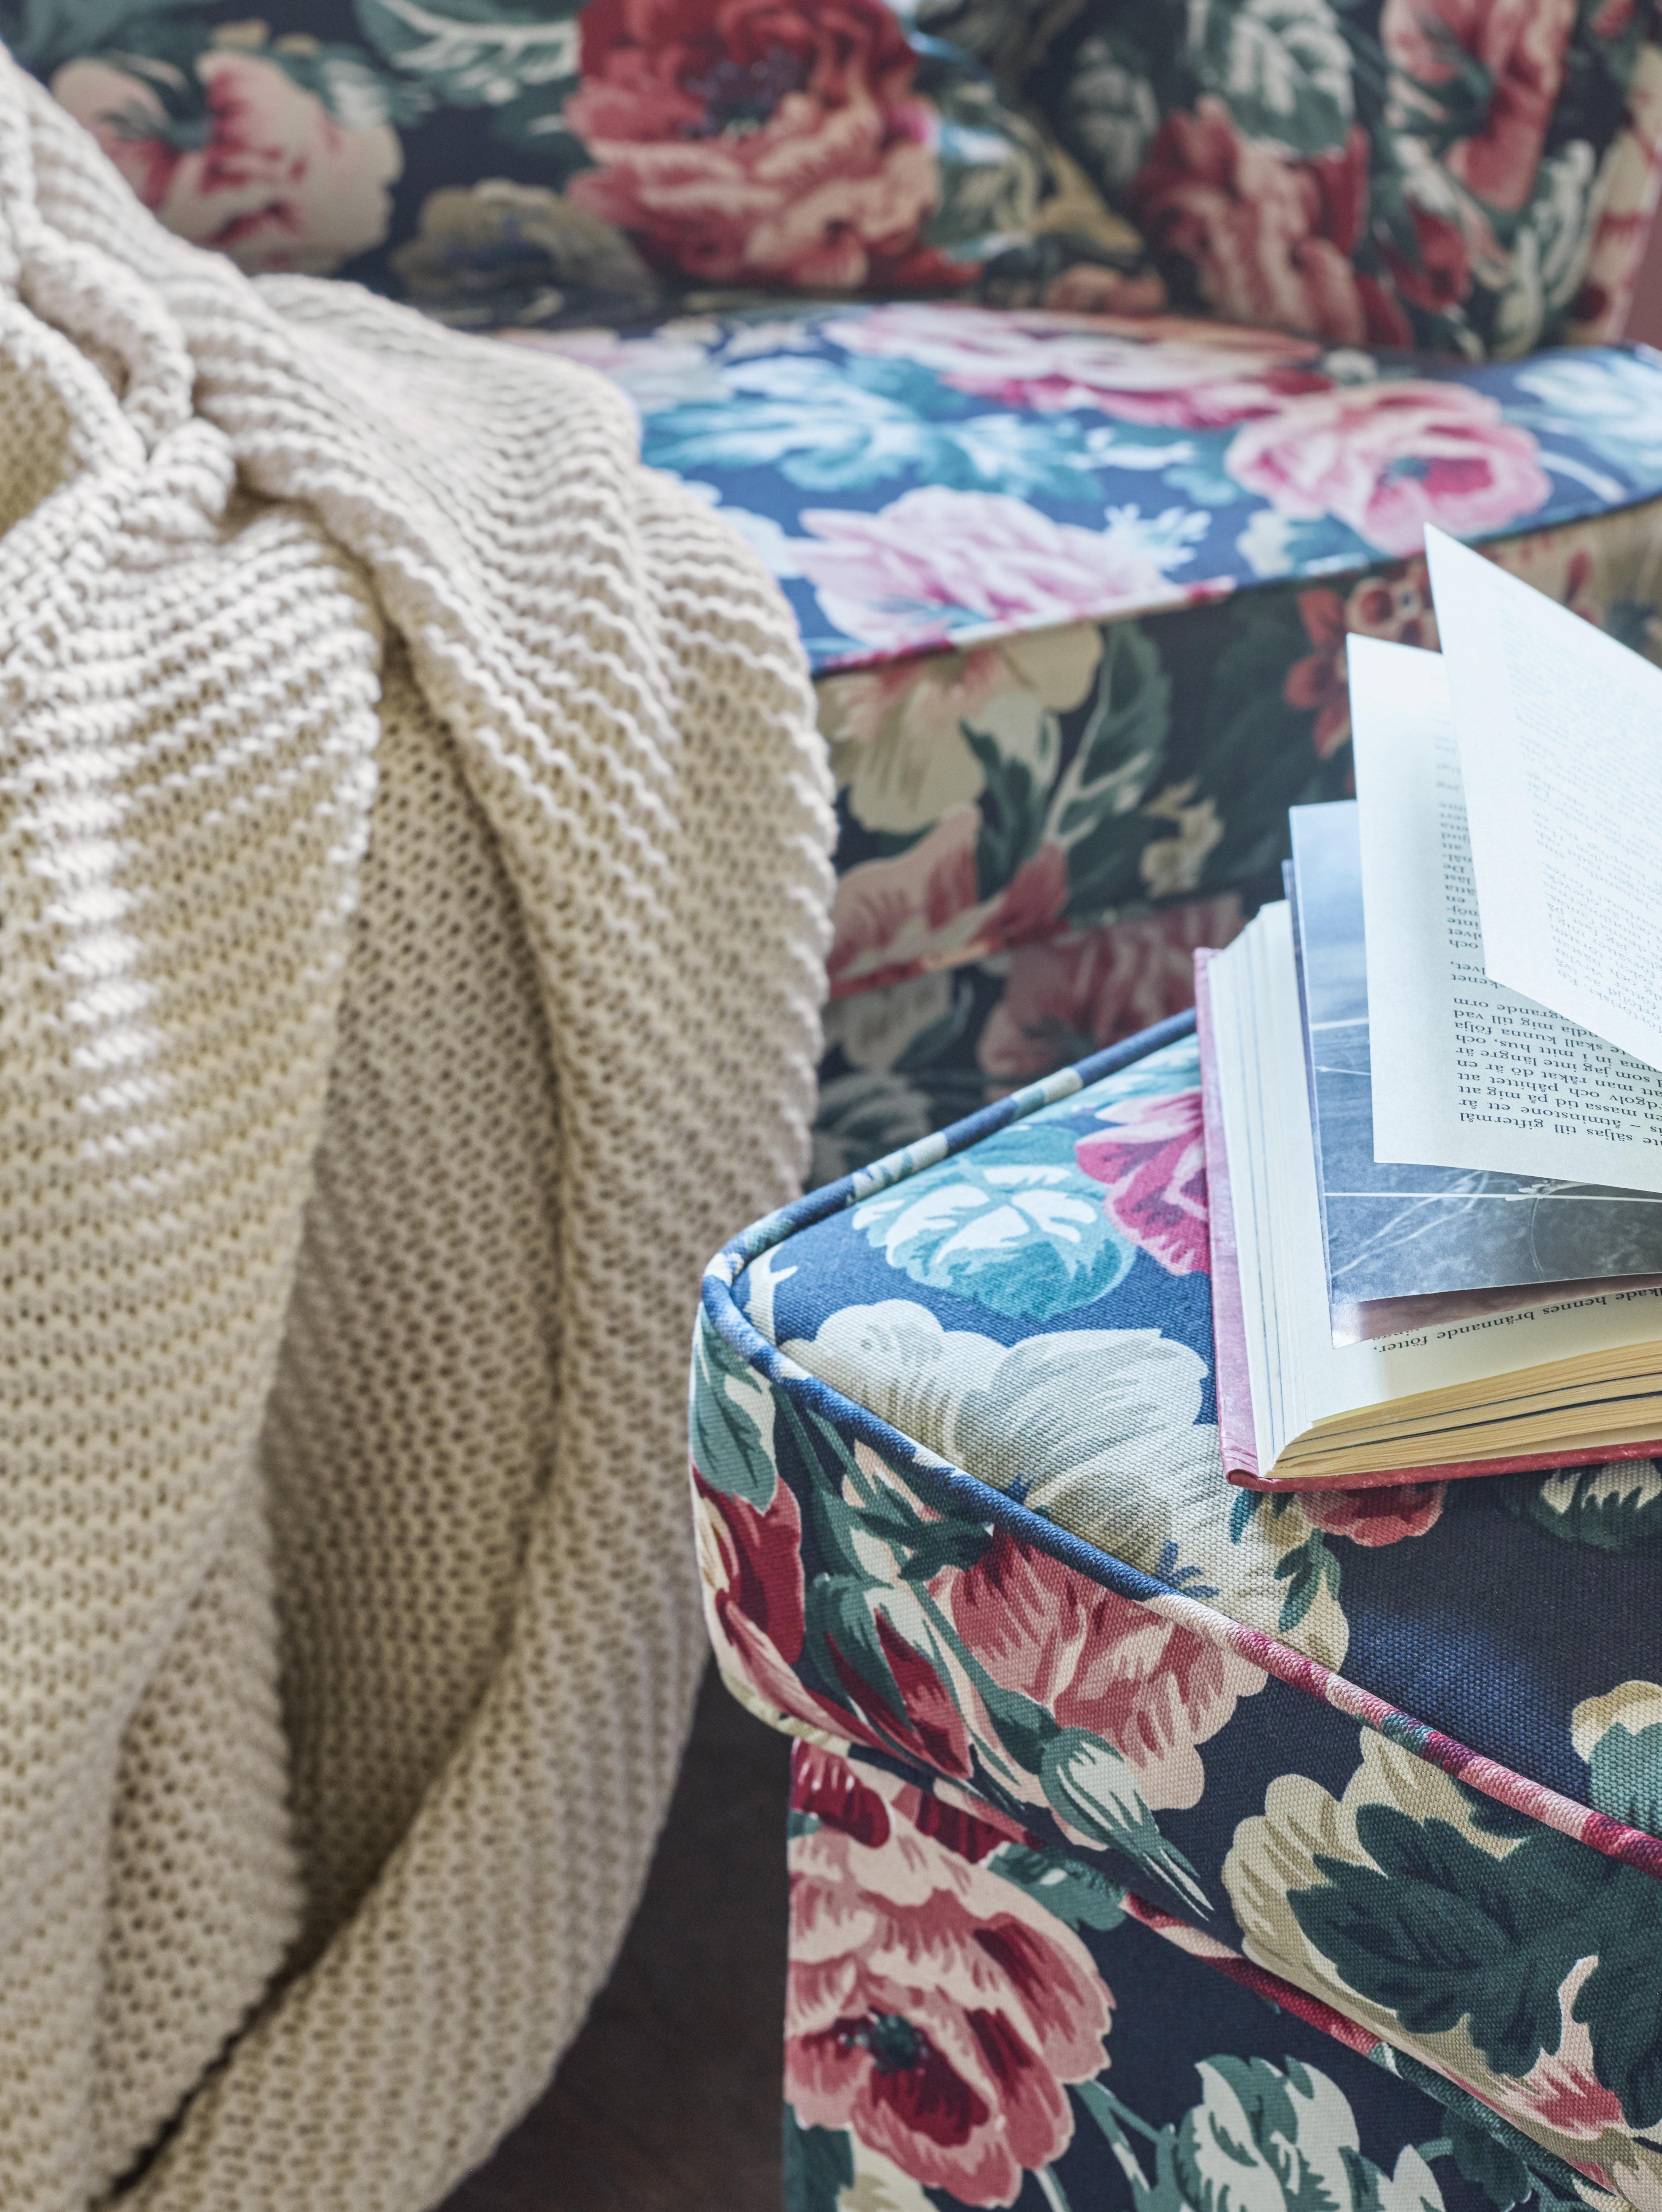 Krem INGABRITTA lagana deka prebačena je preko ruba sofe s uzorkom cvijeća, u blizini podnožnika s otvorenom knjigom na njemu.